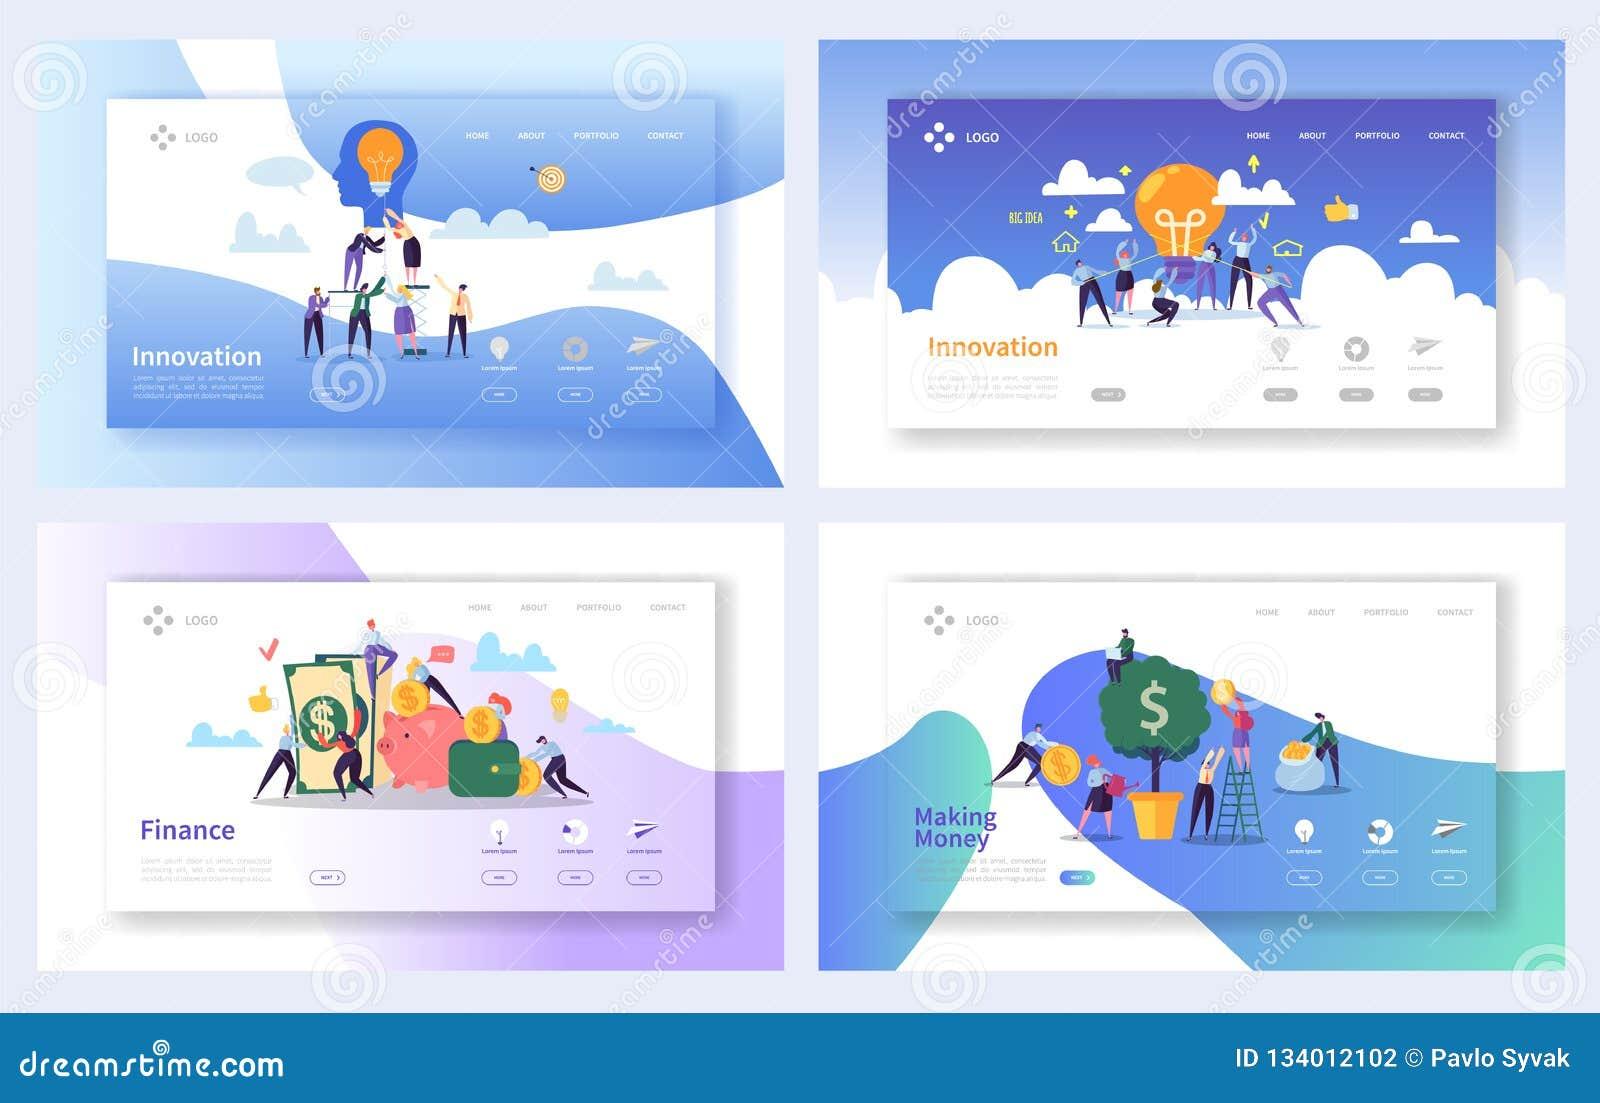 Finansiella affärsinnovationidéer som landar sidauppsättningen Idérikt begrepp för pengartillväxt Online-packa ihopinvesteringfra